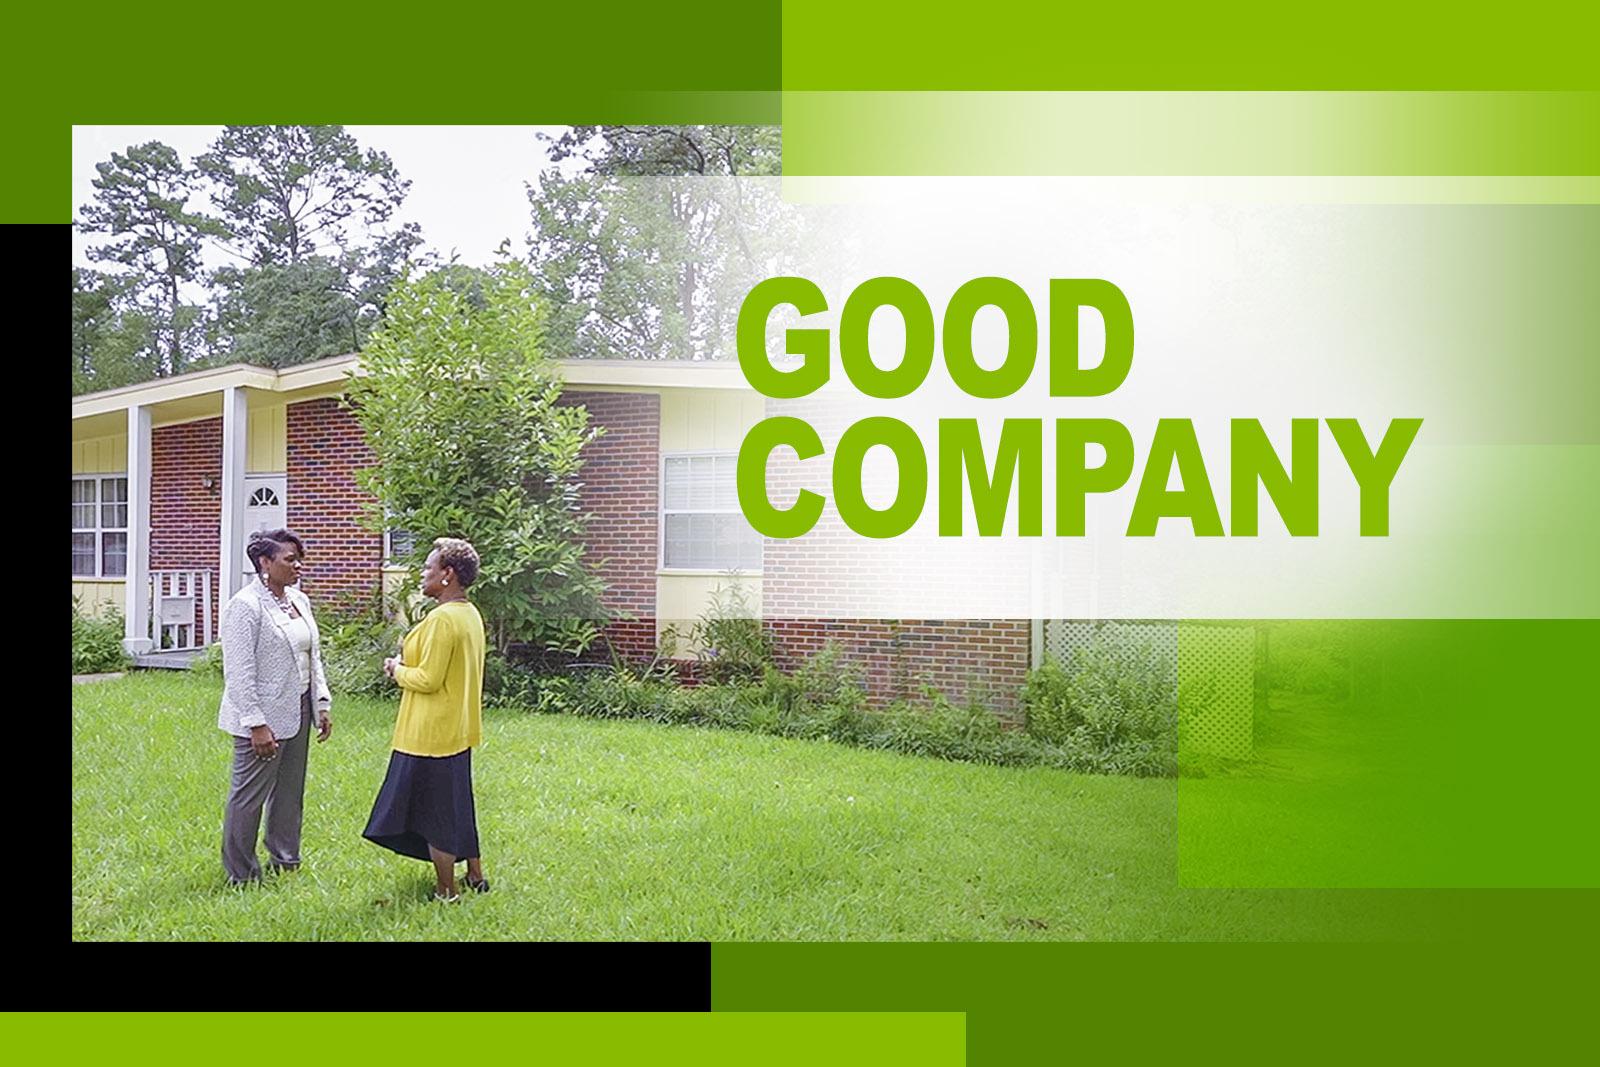 Good Company - Thomas House